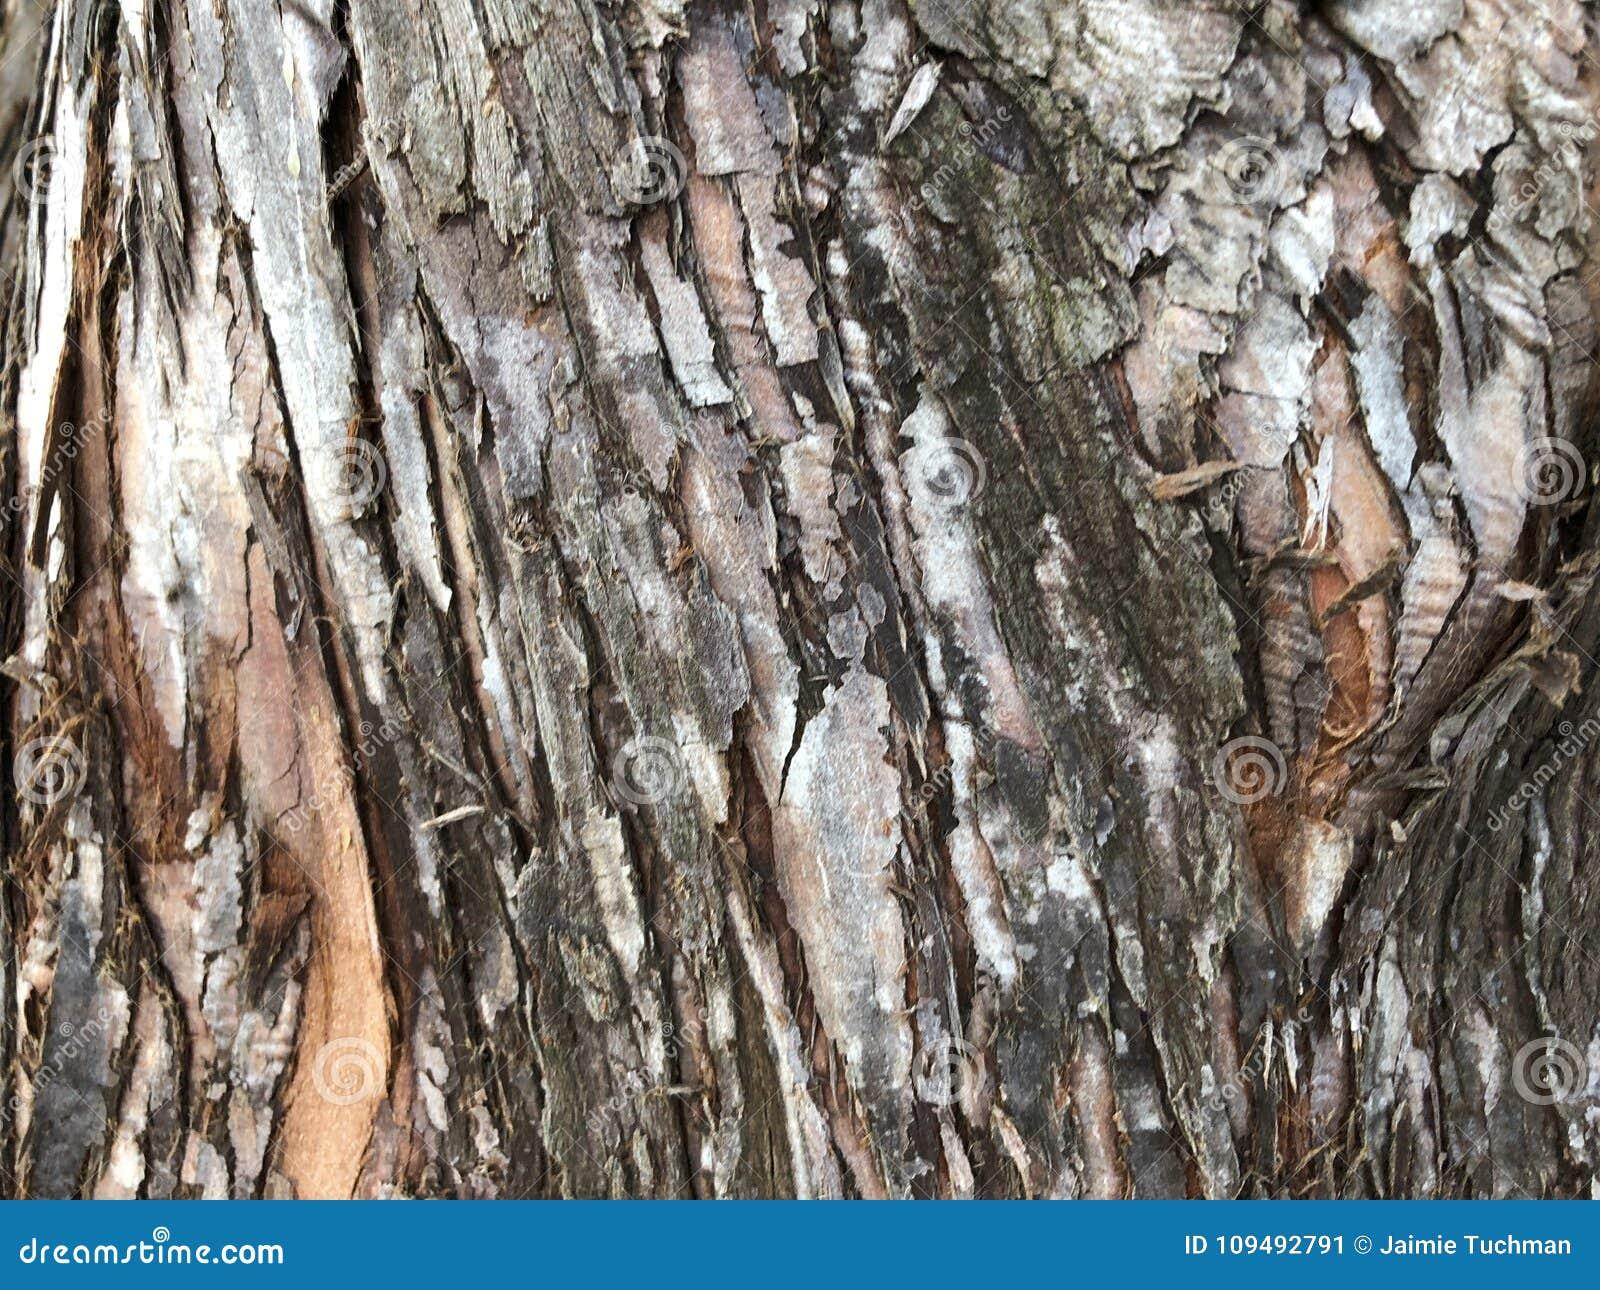 metasequoia crack